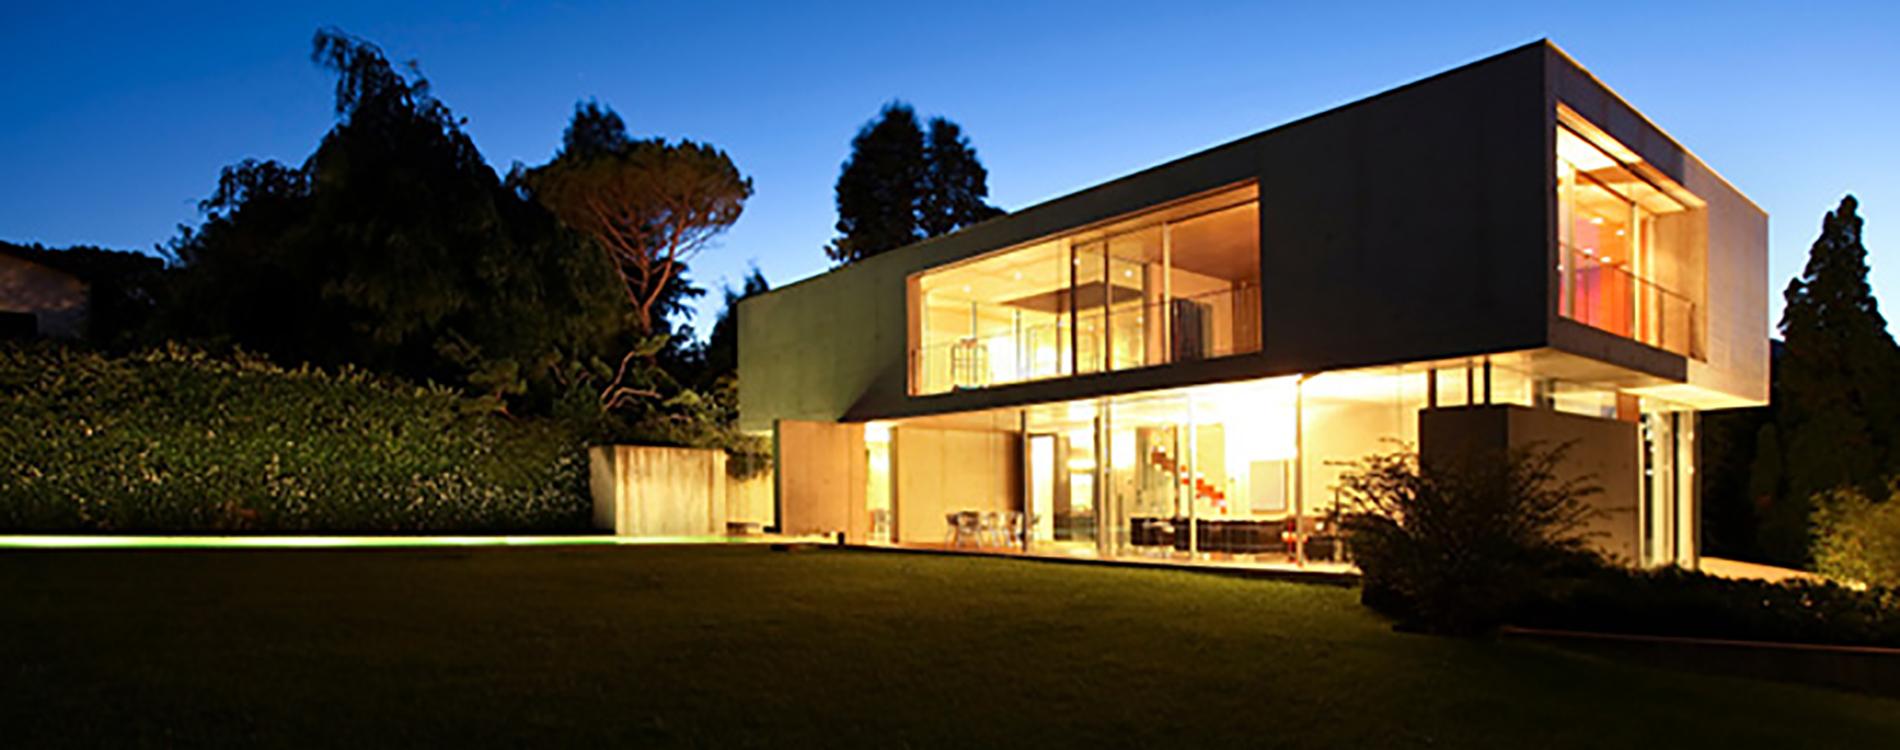 Modernt funkishus i skandinavisk minimalistisk stil. Fotad på kvällstid och fint ljussatt